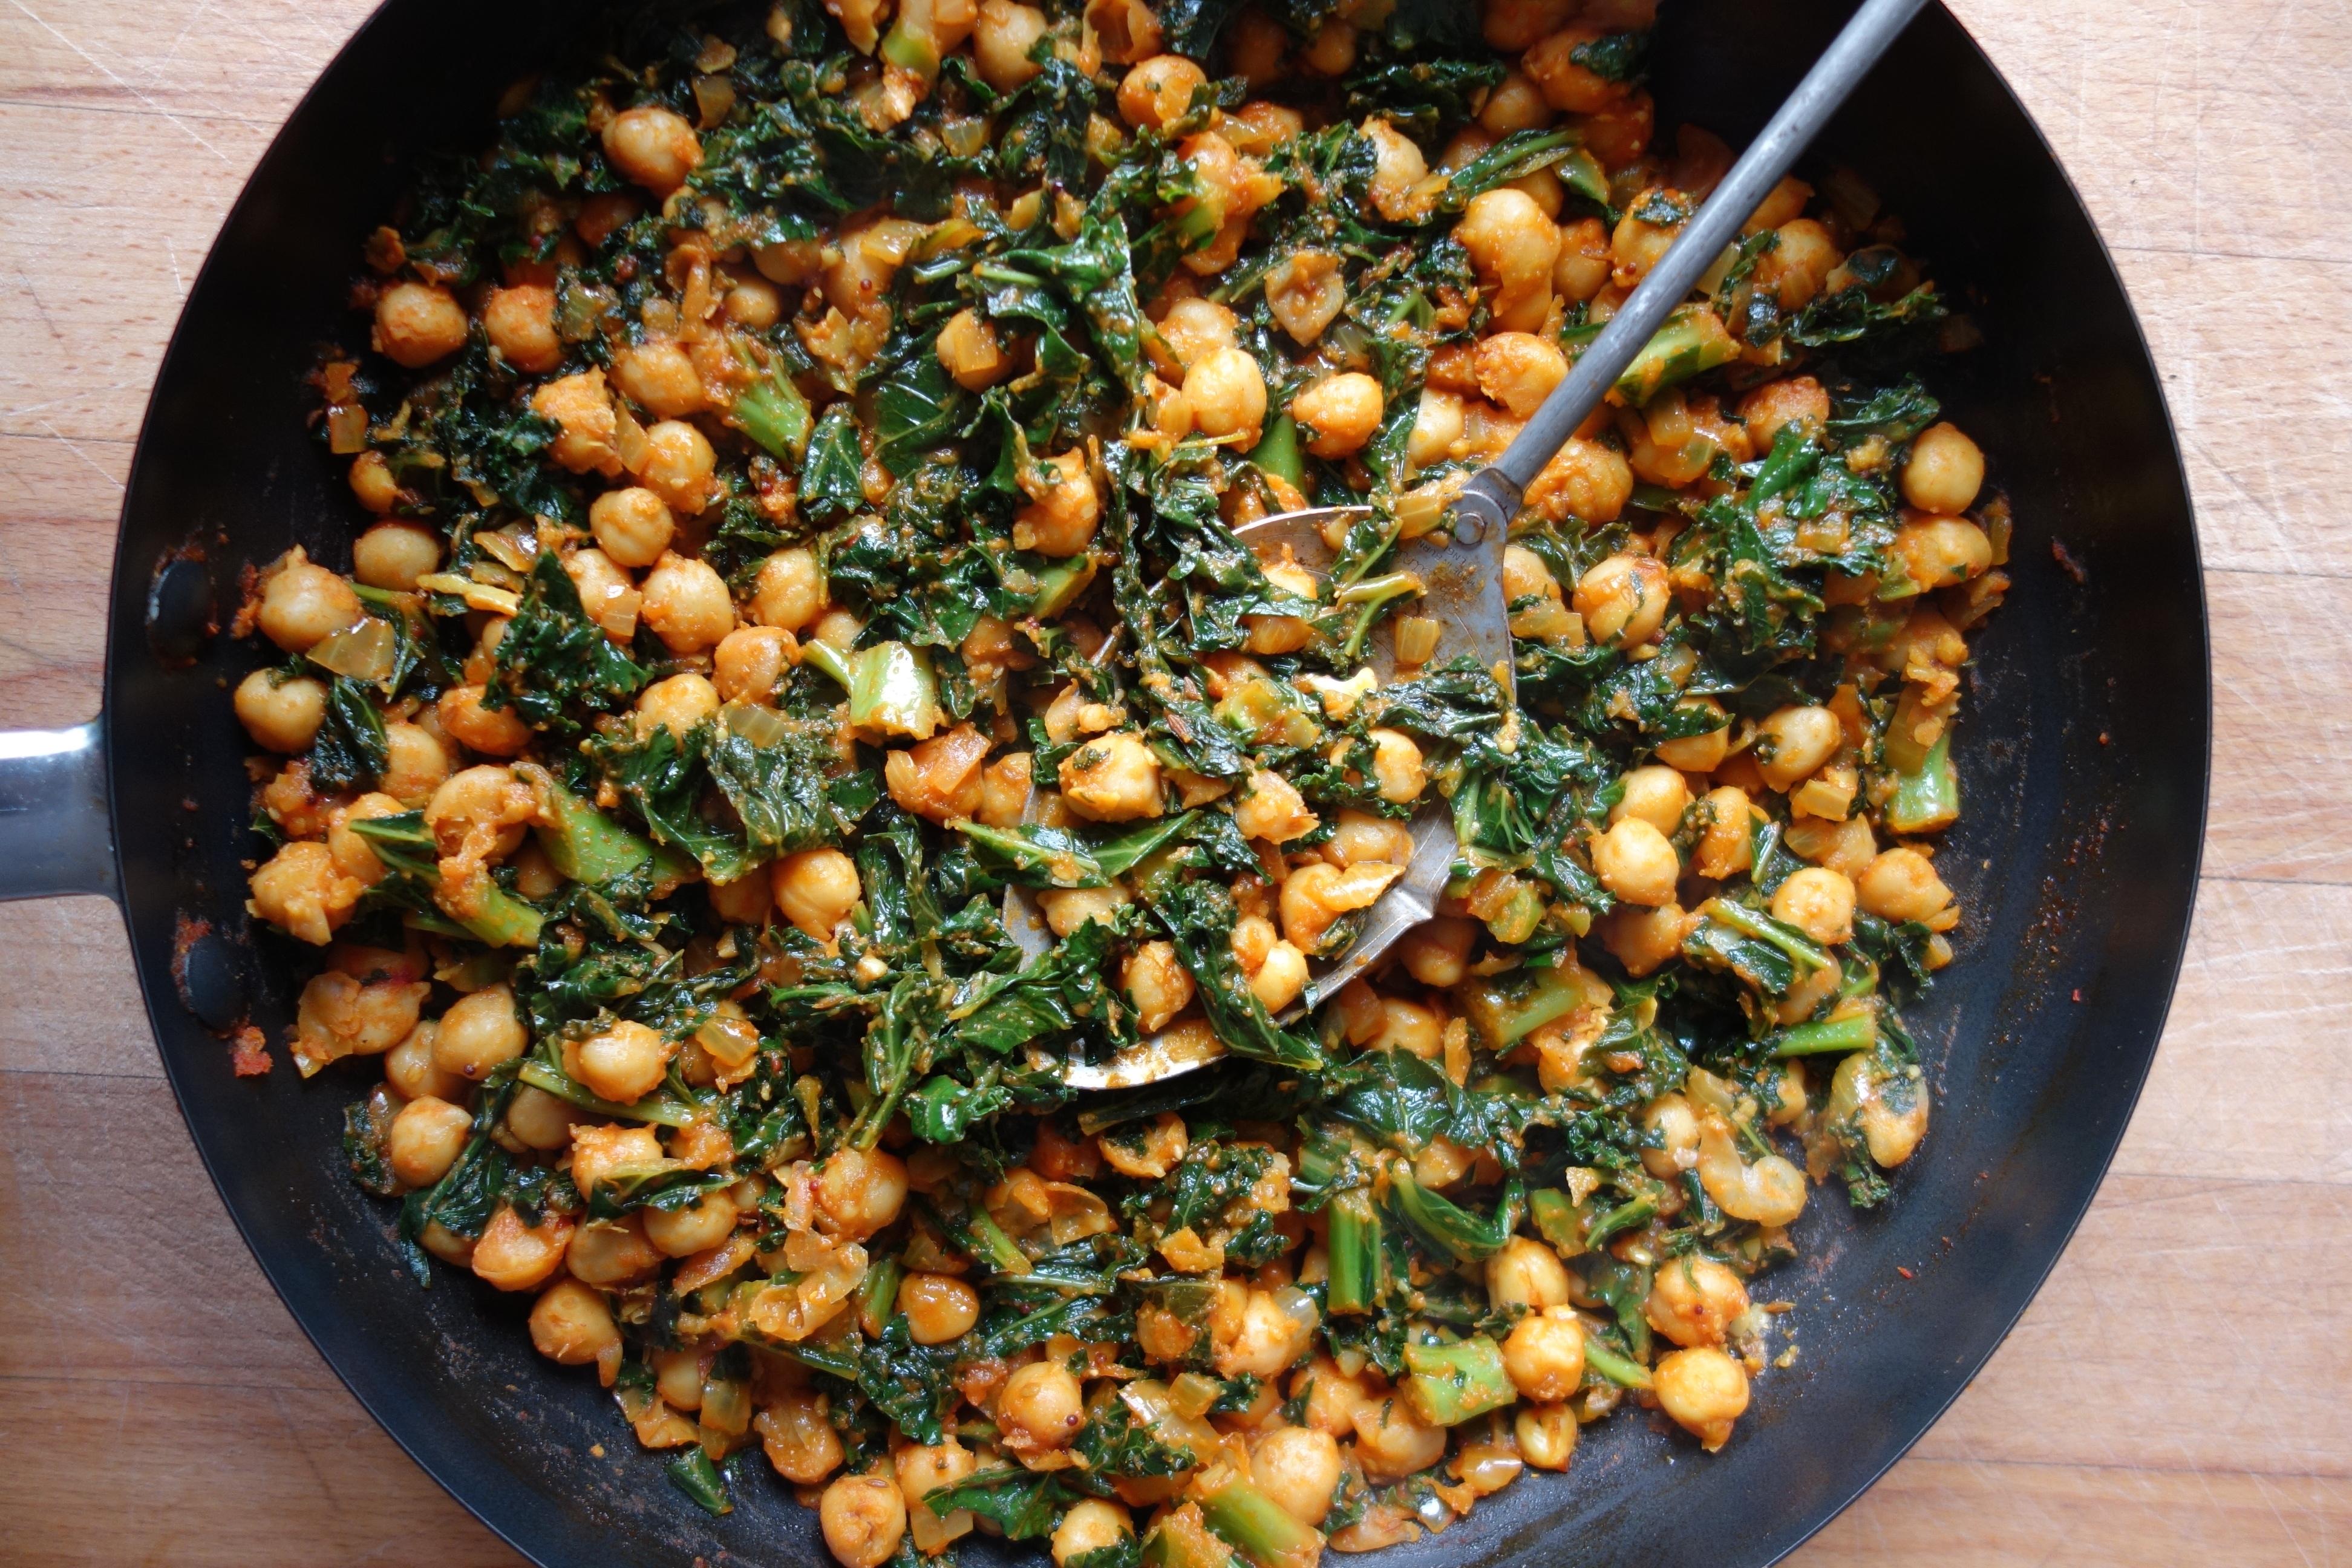 schnelle küche: diese 15 gerichte kochst du garantiert unter 15